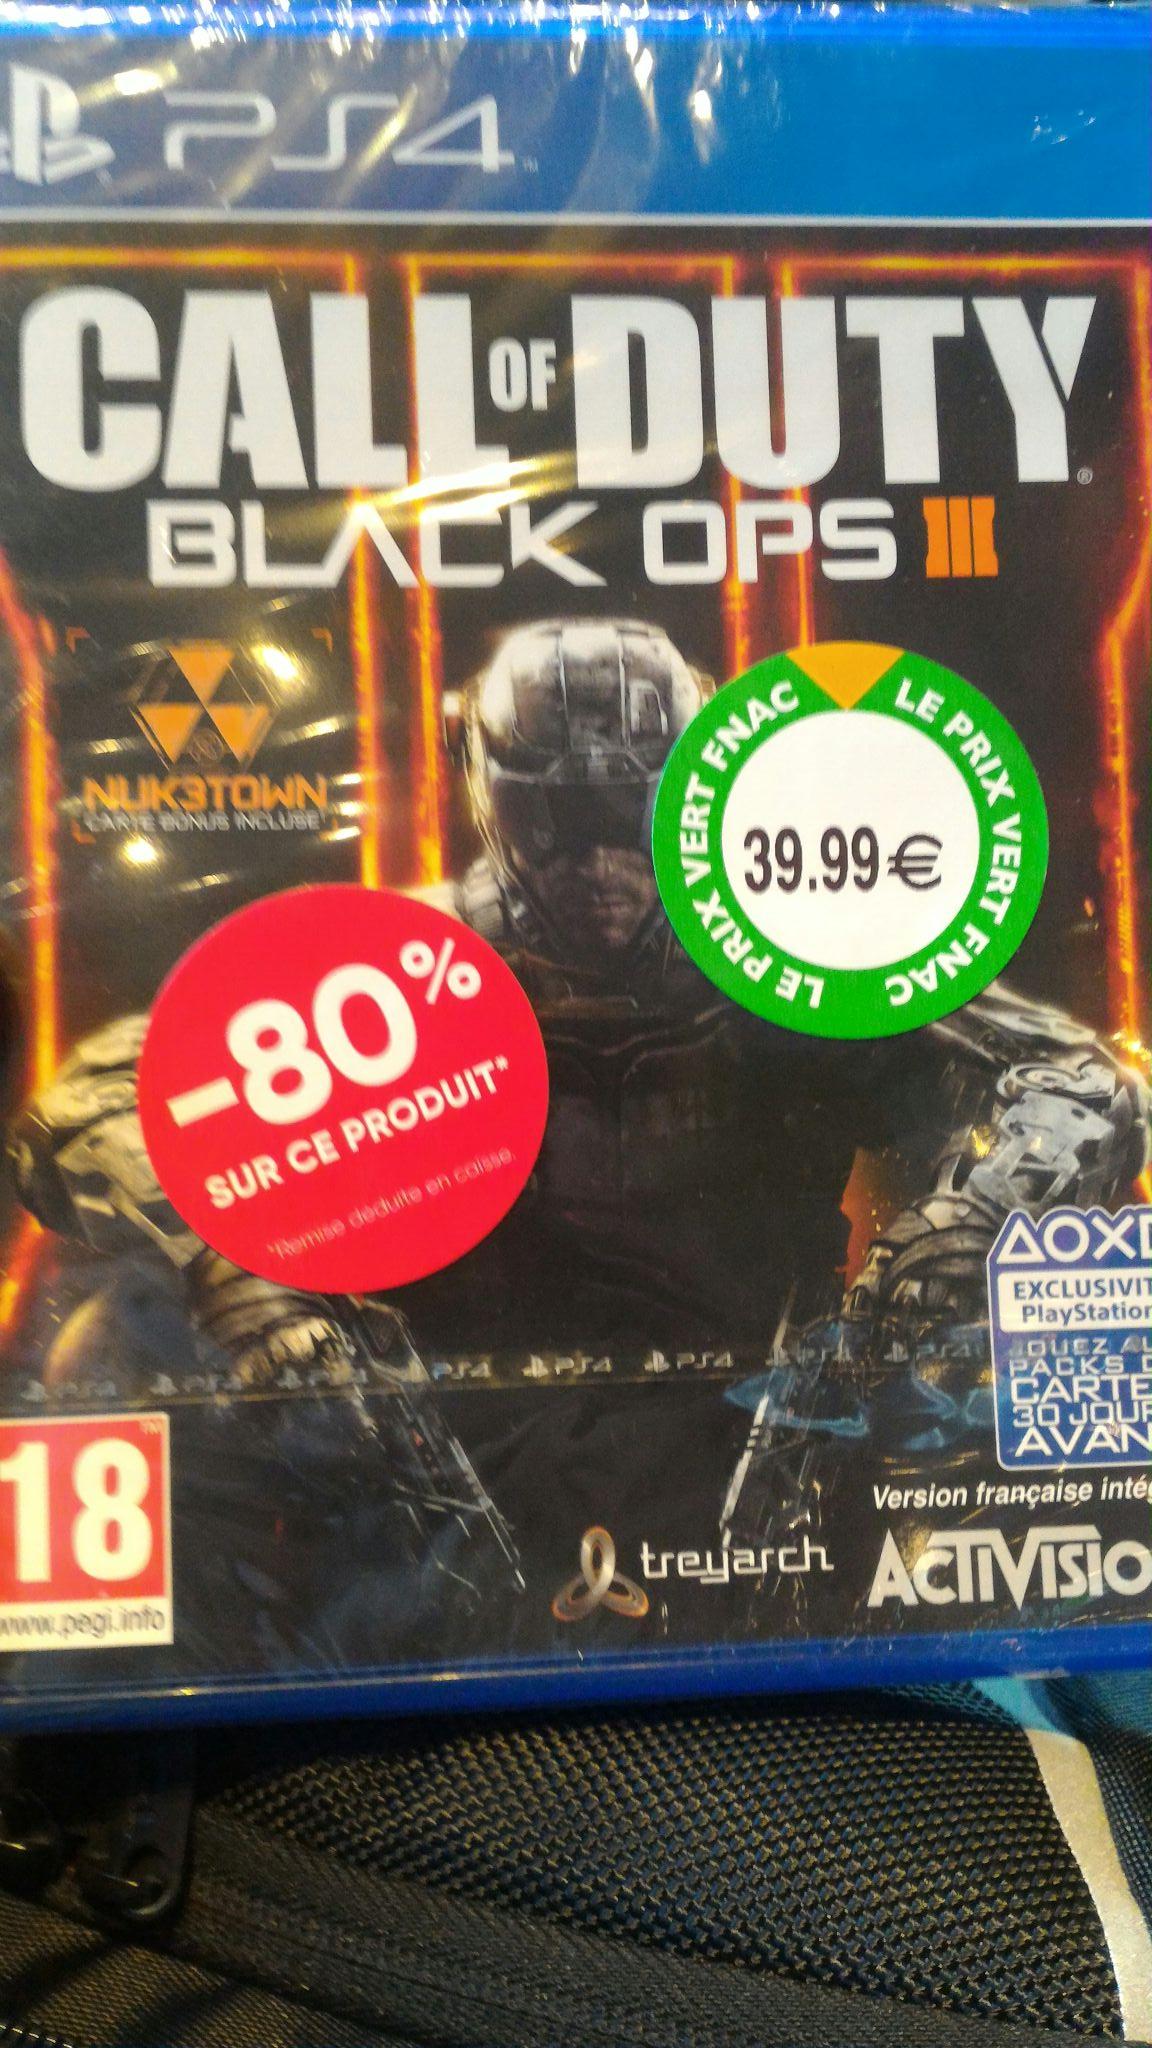 Call of Duty Black Ops 3 sur PS4 - Gare de l'Est (75)